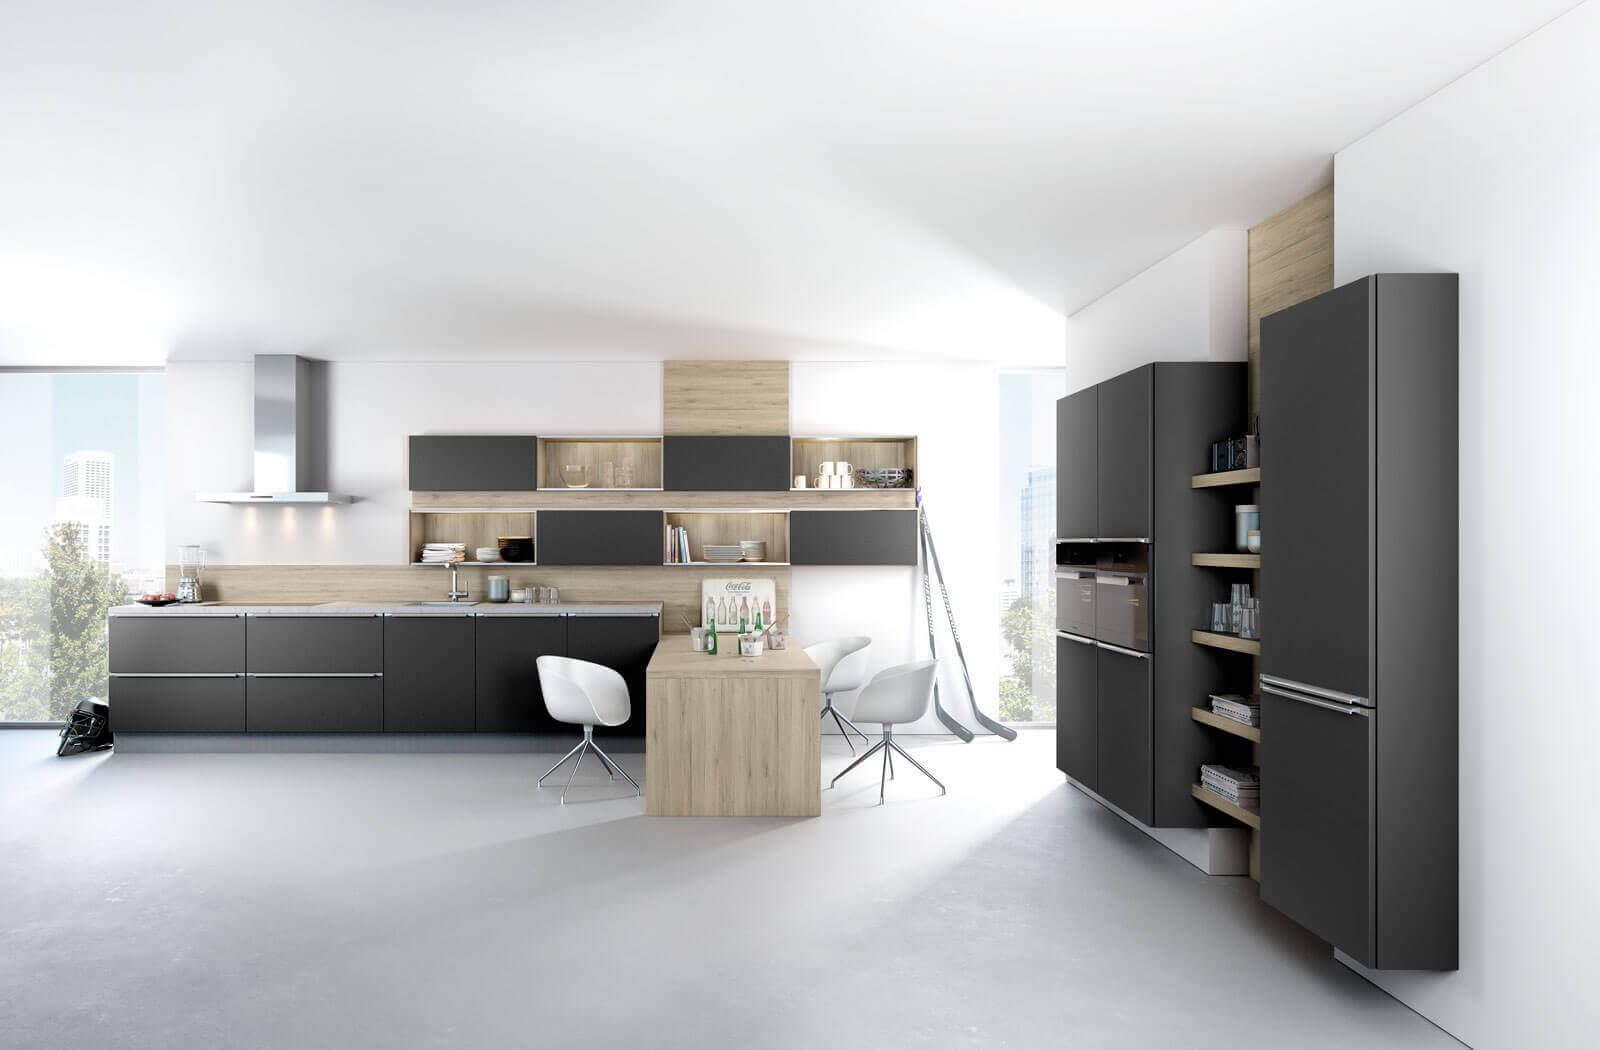 zweizeilige k chen vorteile nachteile beispiele und bilder f r moderne 2 zeilige k chen. Black Bedroom Furniture Sets. Home Design Ideas